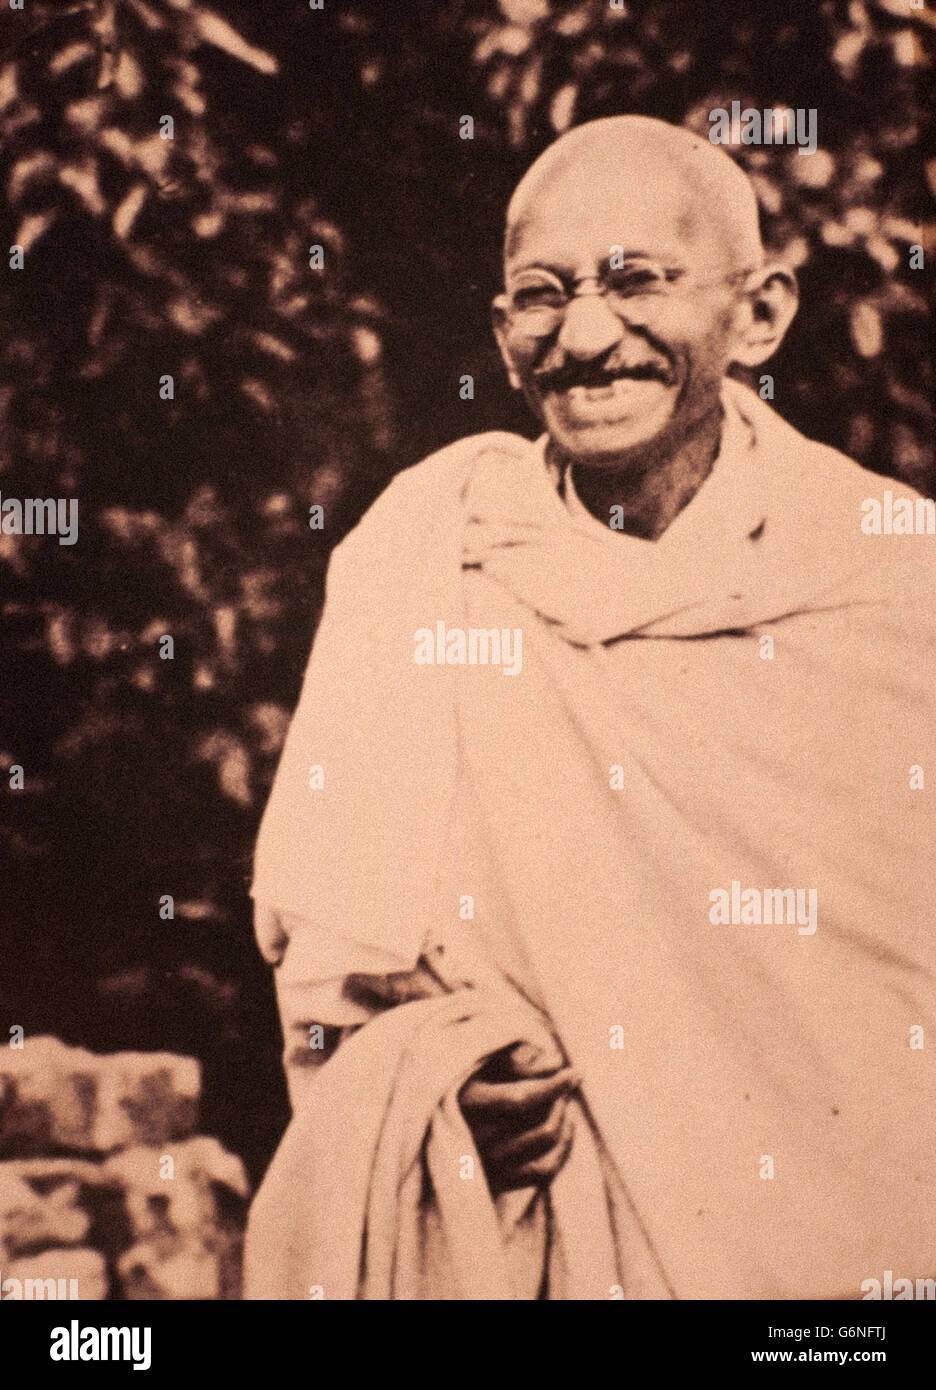 Mohandas Karamchand Gandhi - ha detto il Mahatma (Porbandar, 2 Ottobre 1869 - New Delhi, 30 gennaio 1948) - Immagini Stock